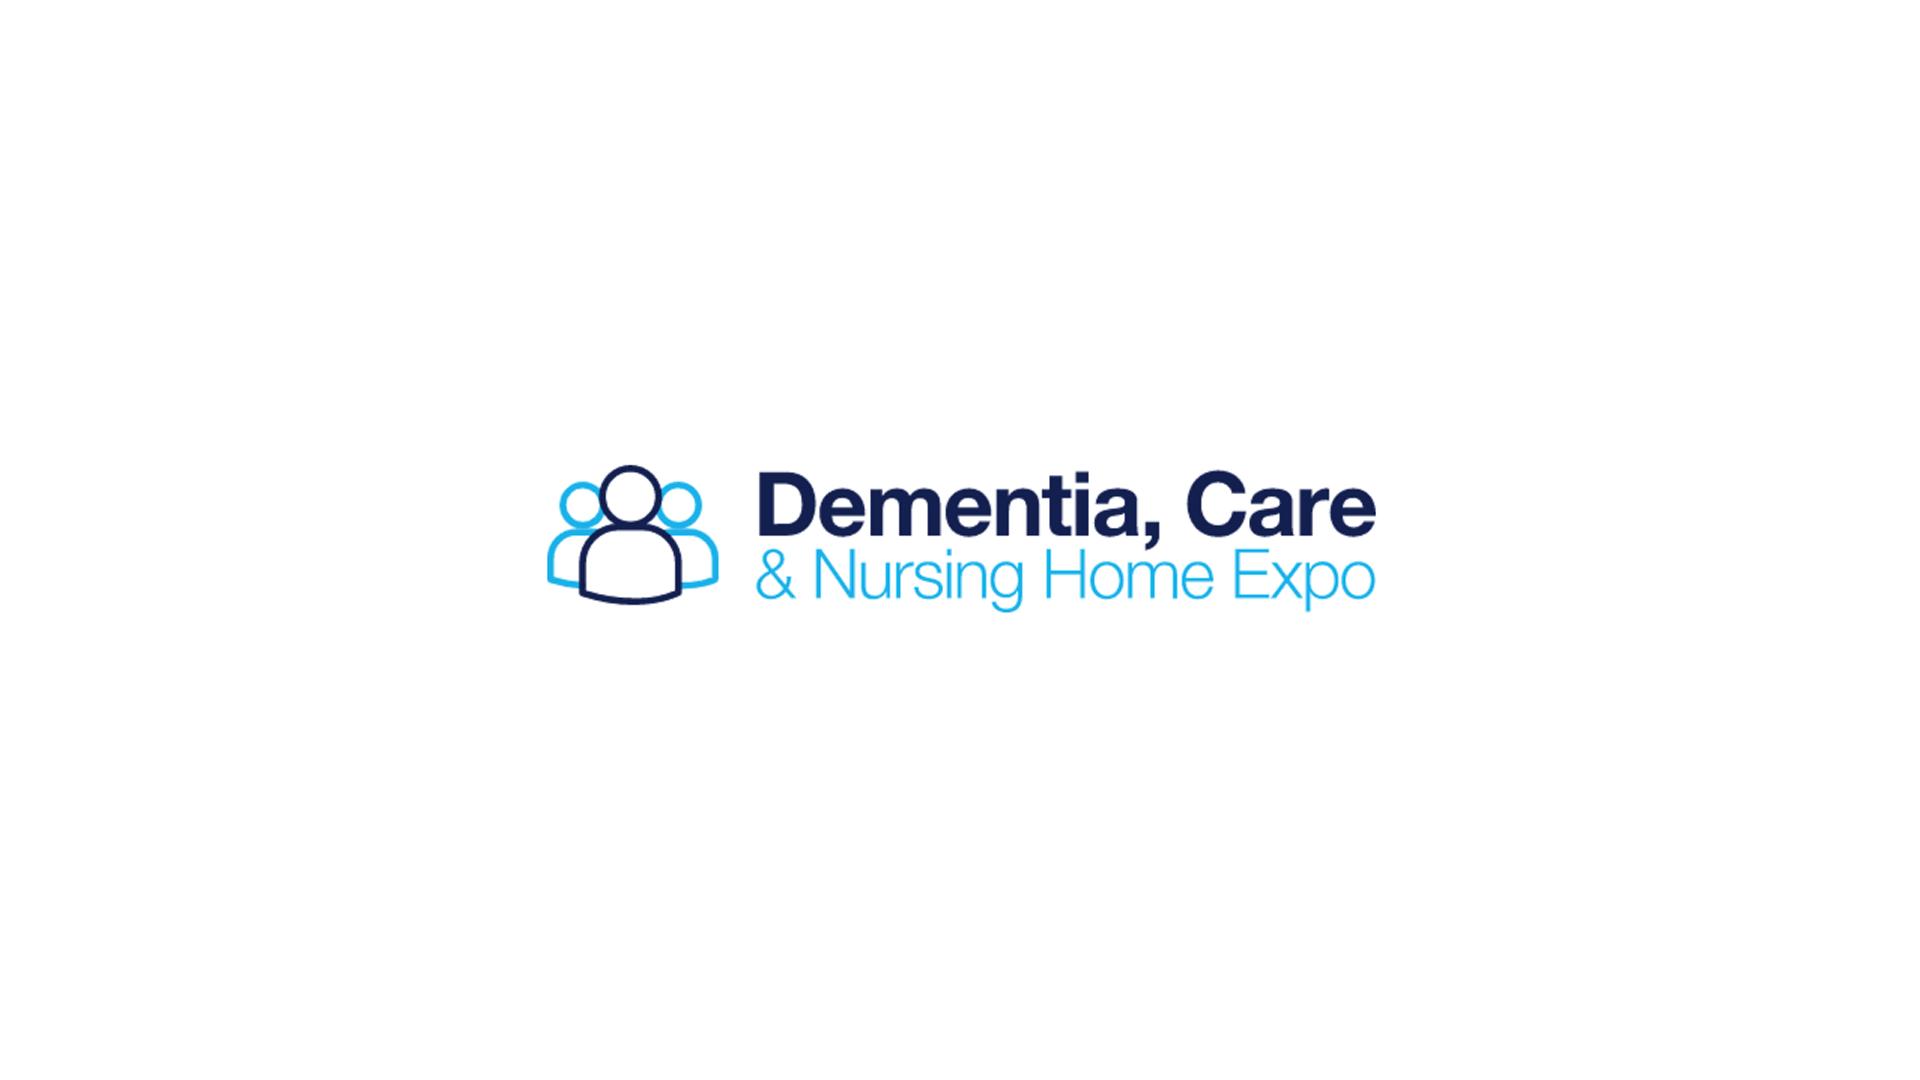 Dementia, Care & Nursing Home Expo event logo